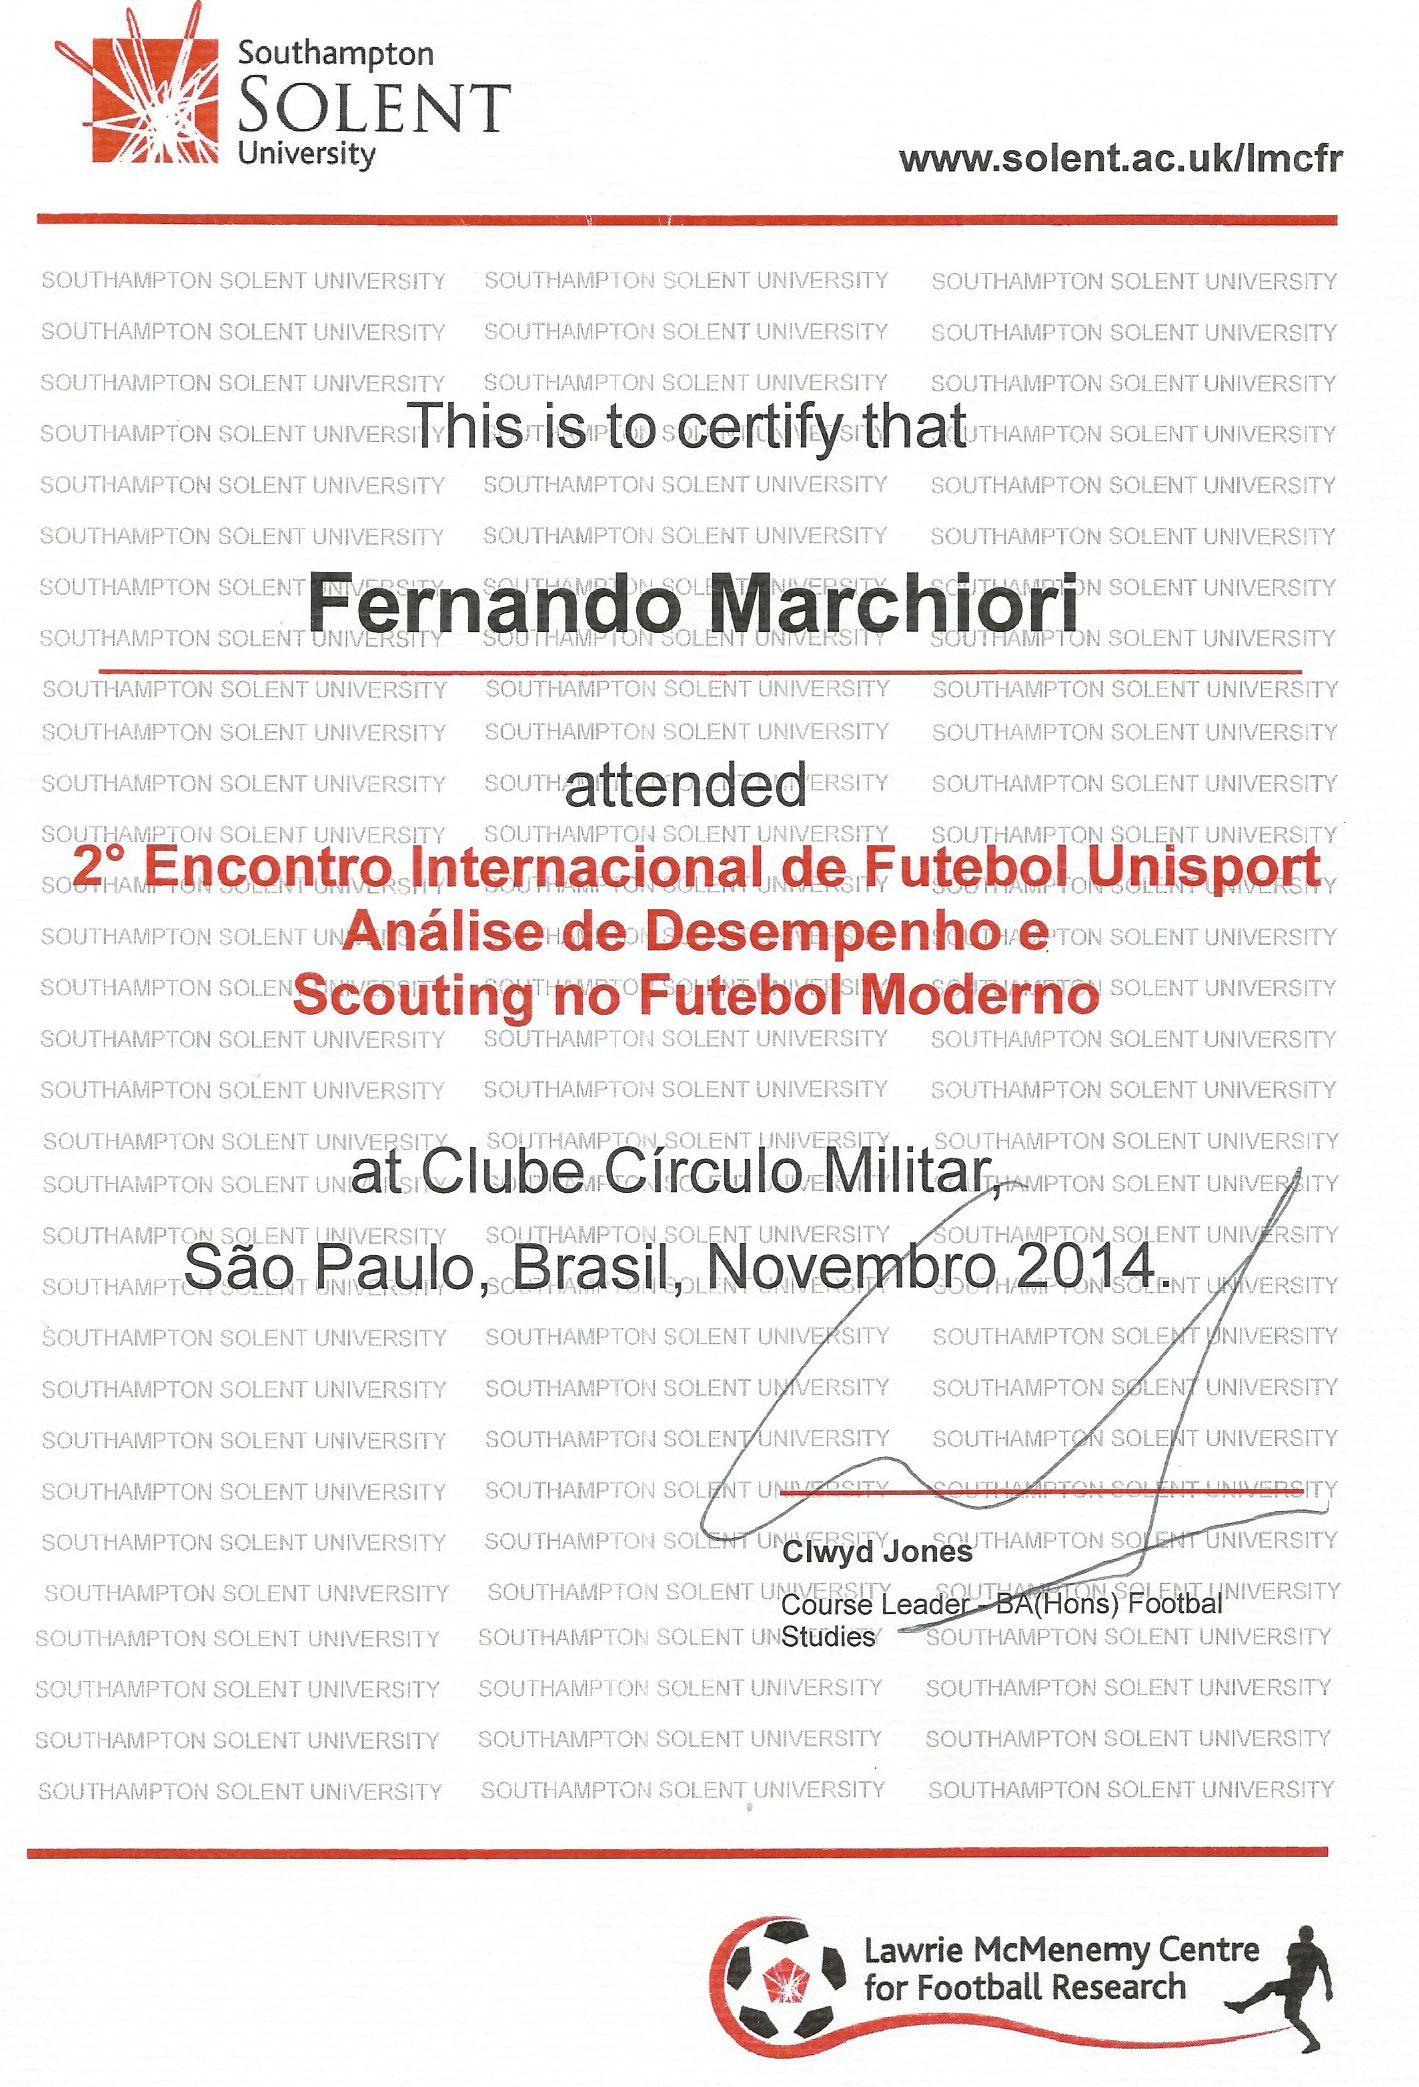 Certificado Futebol Moderno